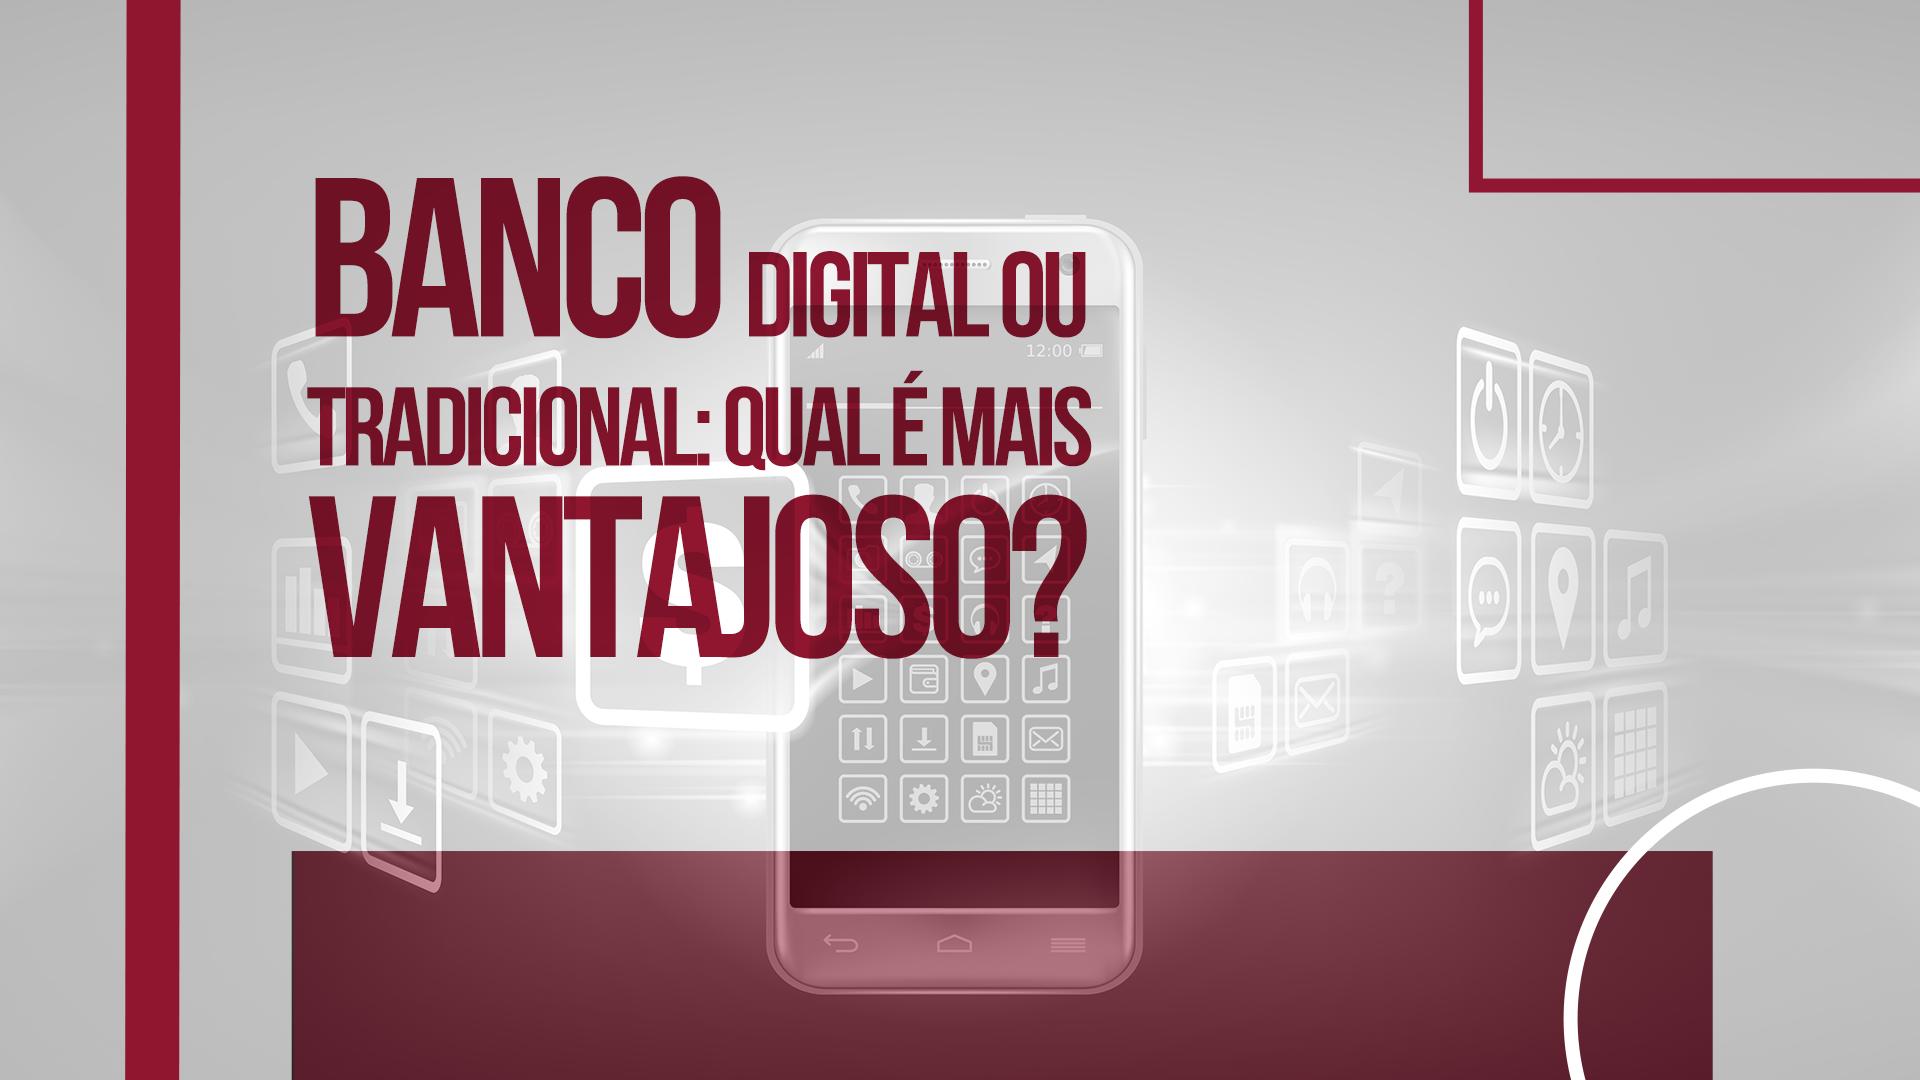 Com o isolamento social, a forma como nos relacionamos financeiramente se transformou digitalmente. Com efeito, o banco digital se tornou uma opção mais segura e adequada para realizar transações financeiras sem precisar sair de casa.